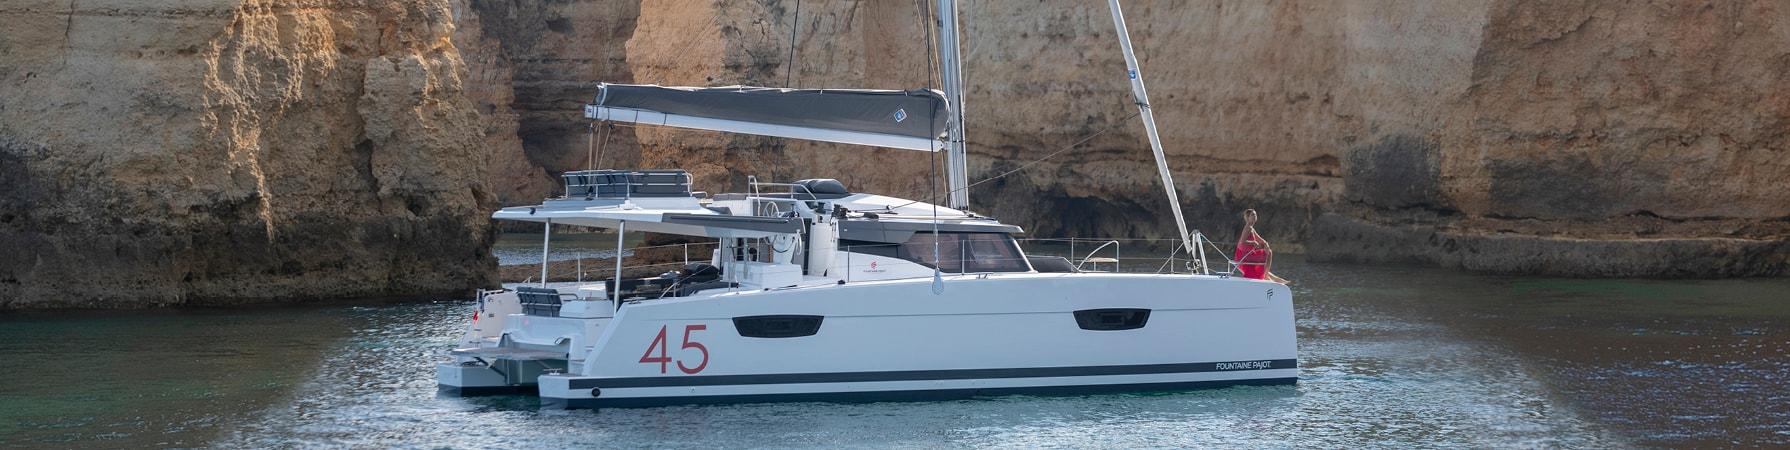 Luxury-cruising-catamaran-Interior-design-Fountaine-Pajot-Elba-45